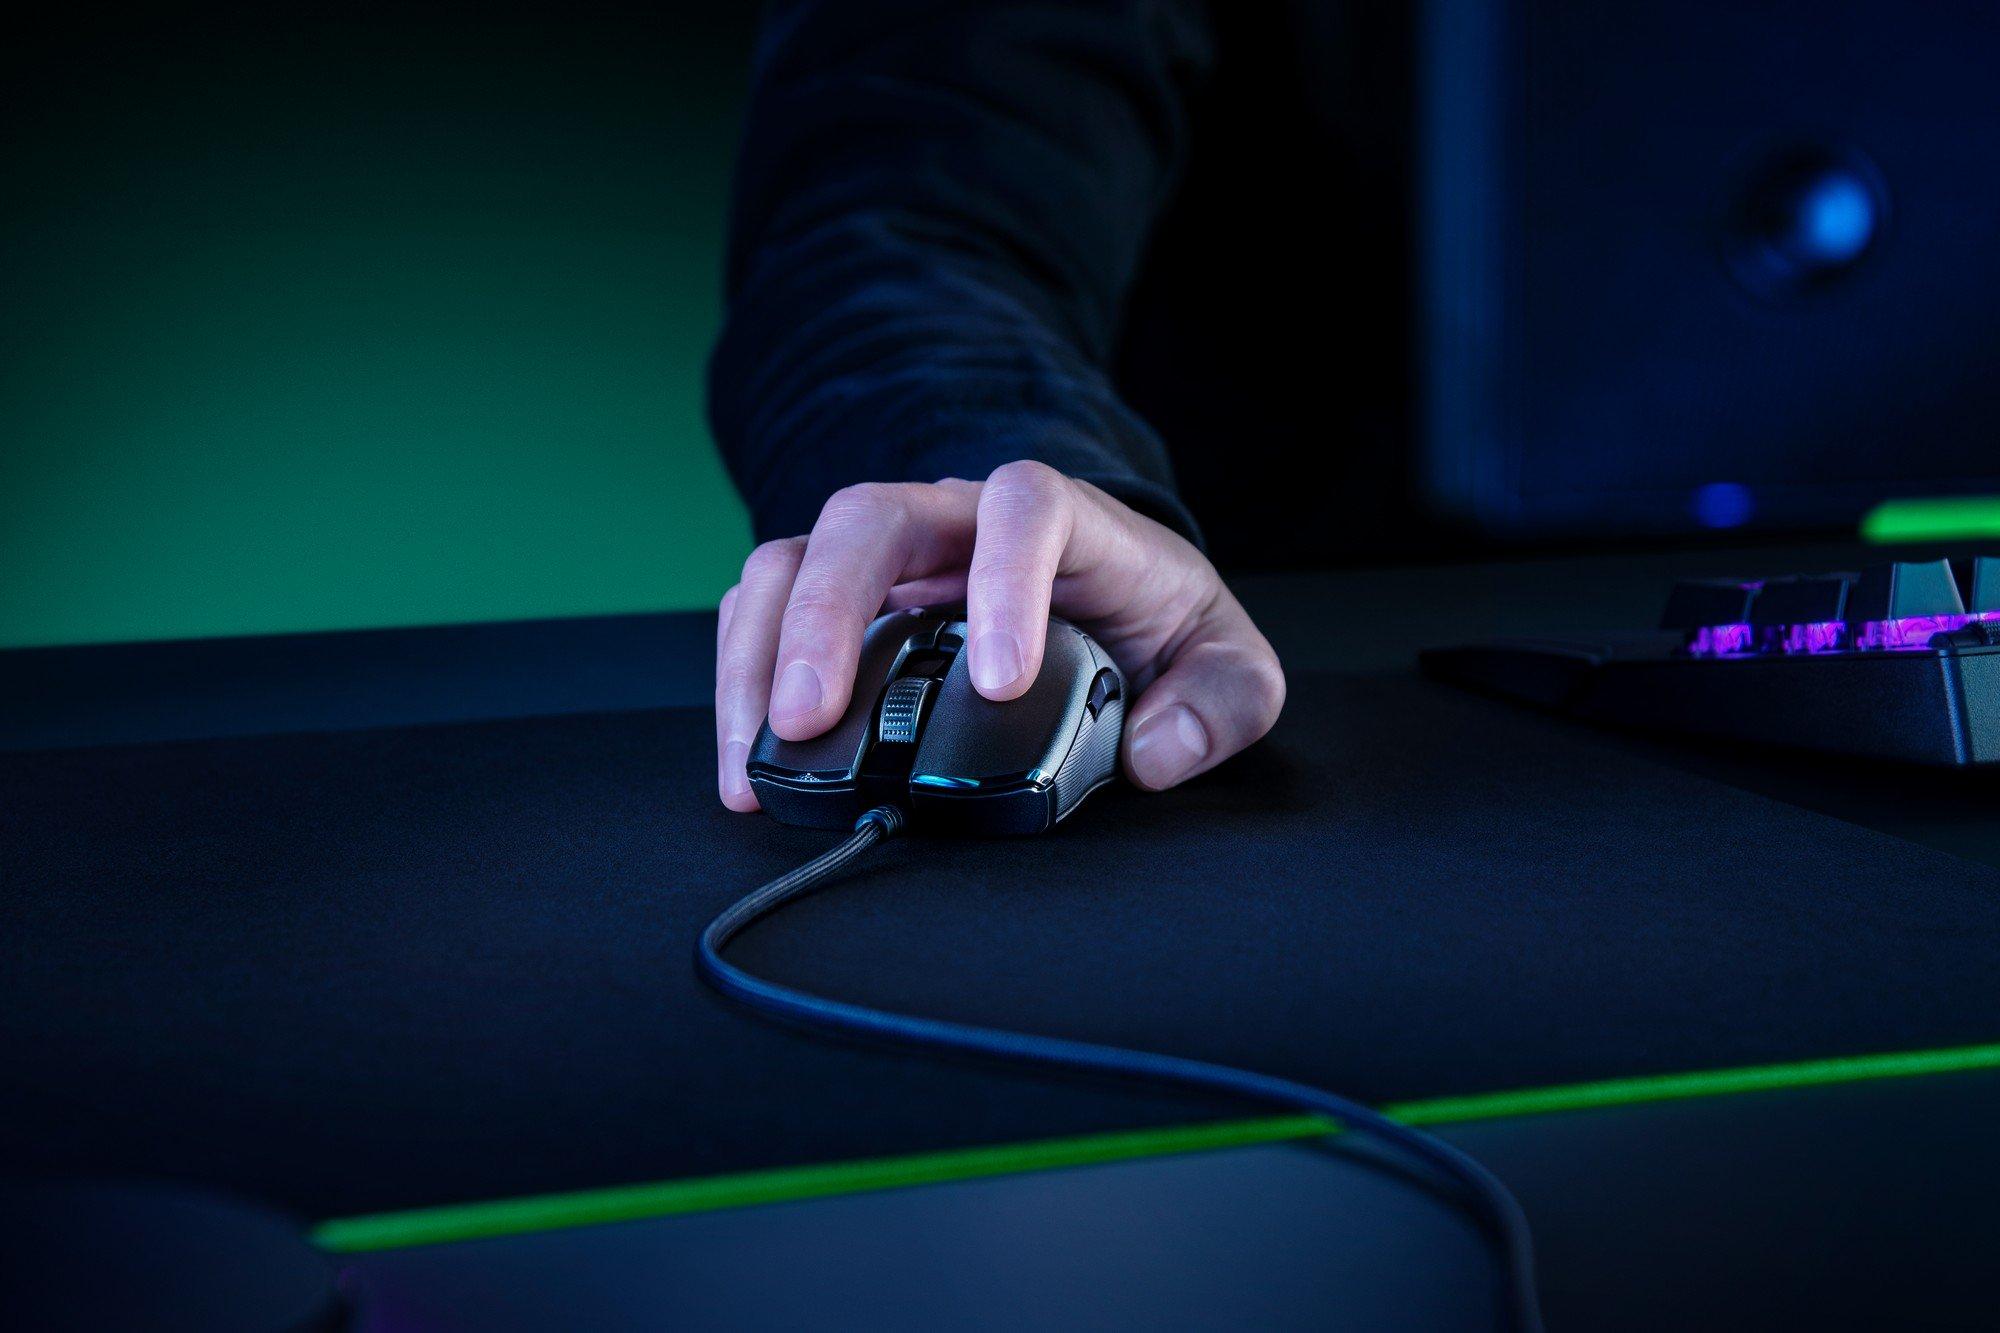 Razer unveils Razer Viper 8KHz gaming mouse